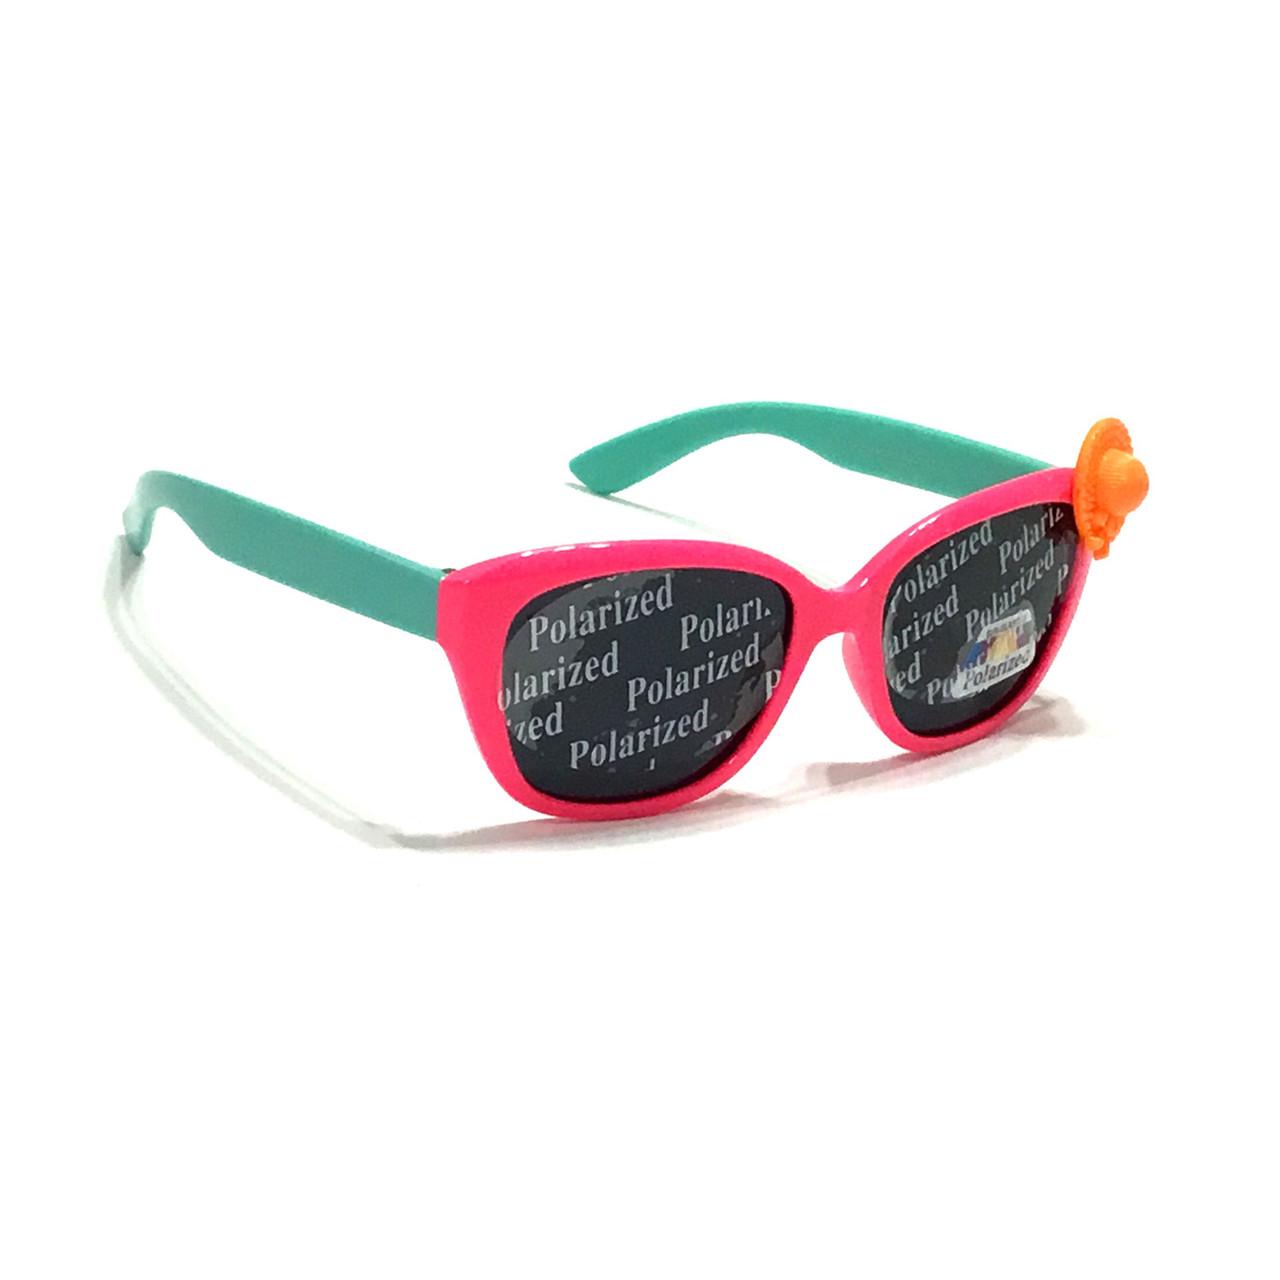 7a82b4b59074 Детские очки-полароид  продажа, цена в Харьковской области ...